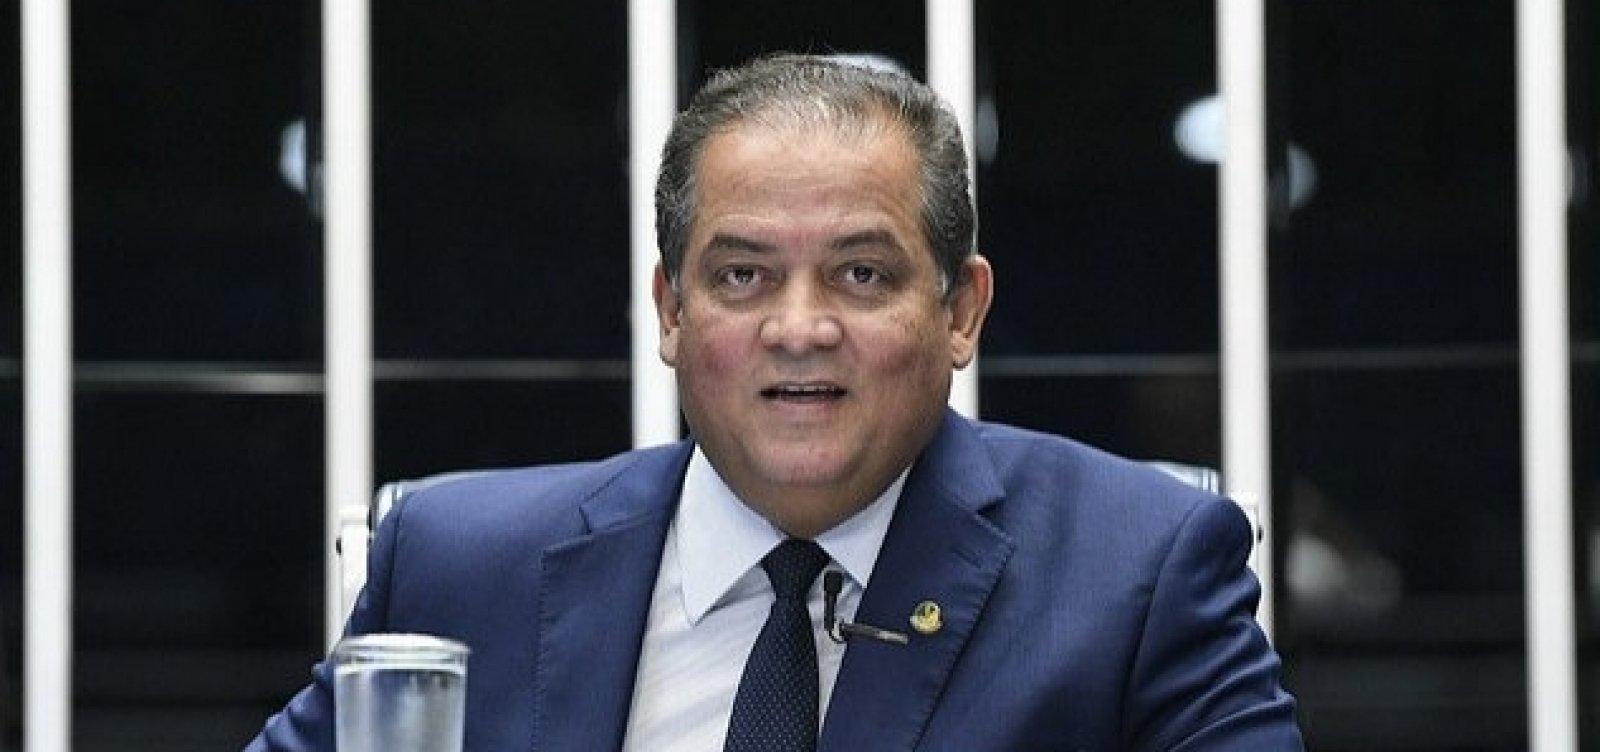 [Para líder do governo, reforma no primeiro ano atingiu imagem de Bolsonaro]